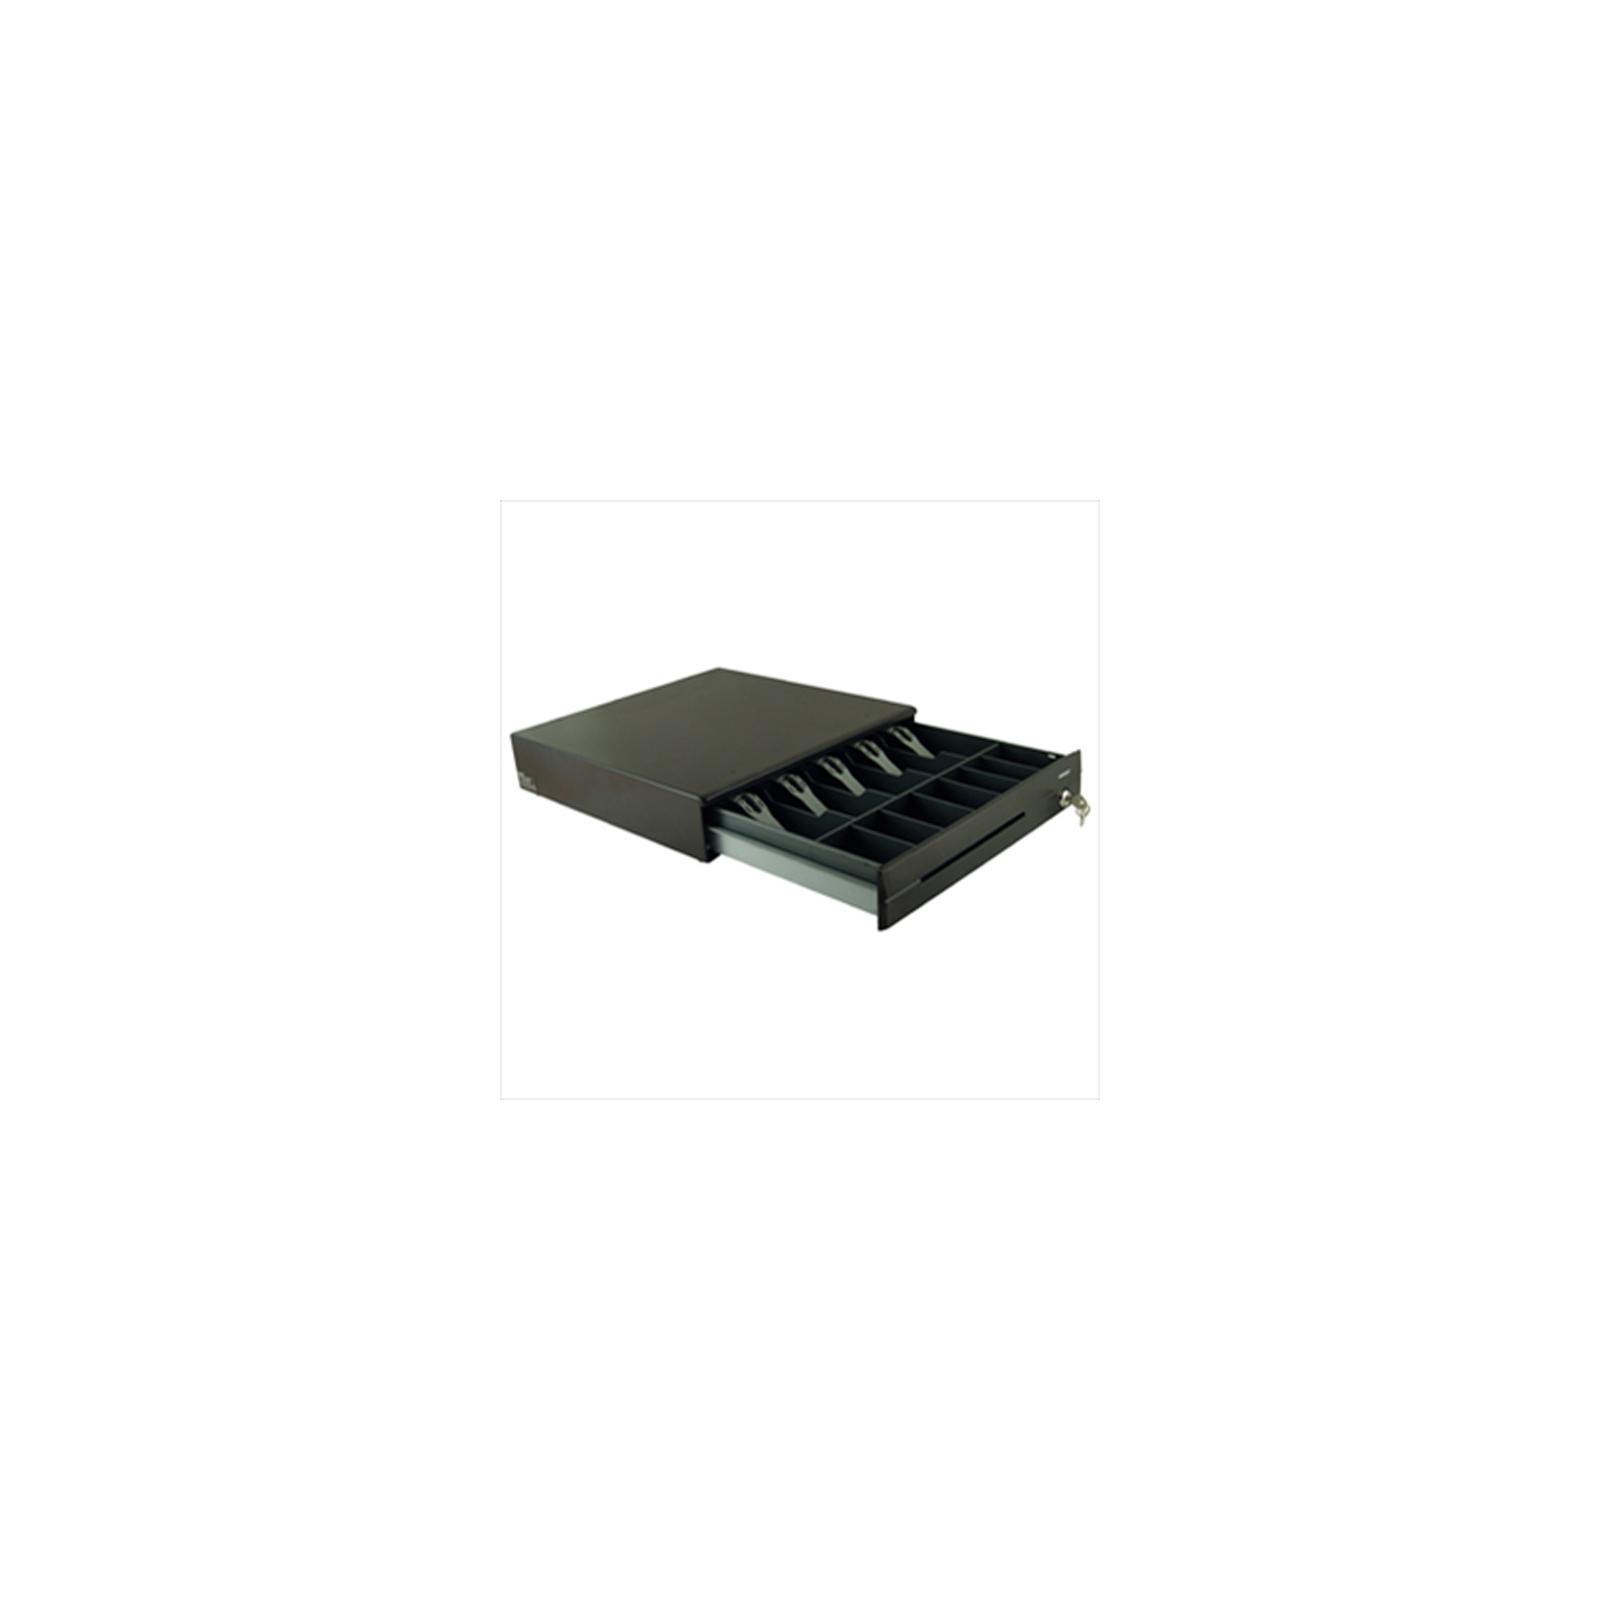 Денежный ящик Posiflex CR-3100 Black (20549) изображение 2